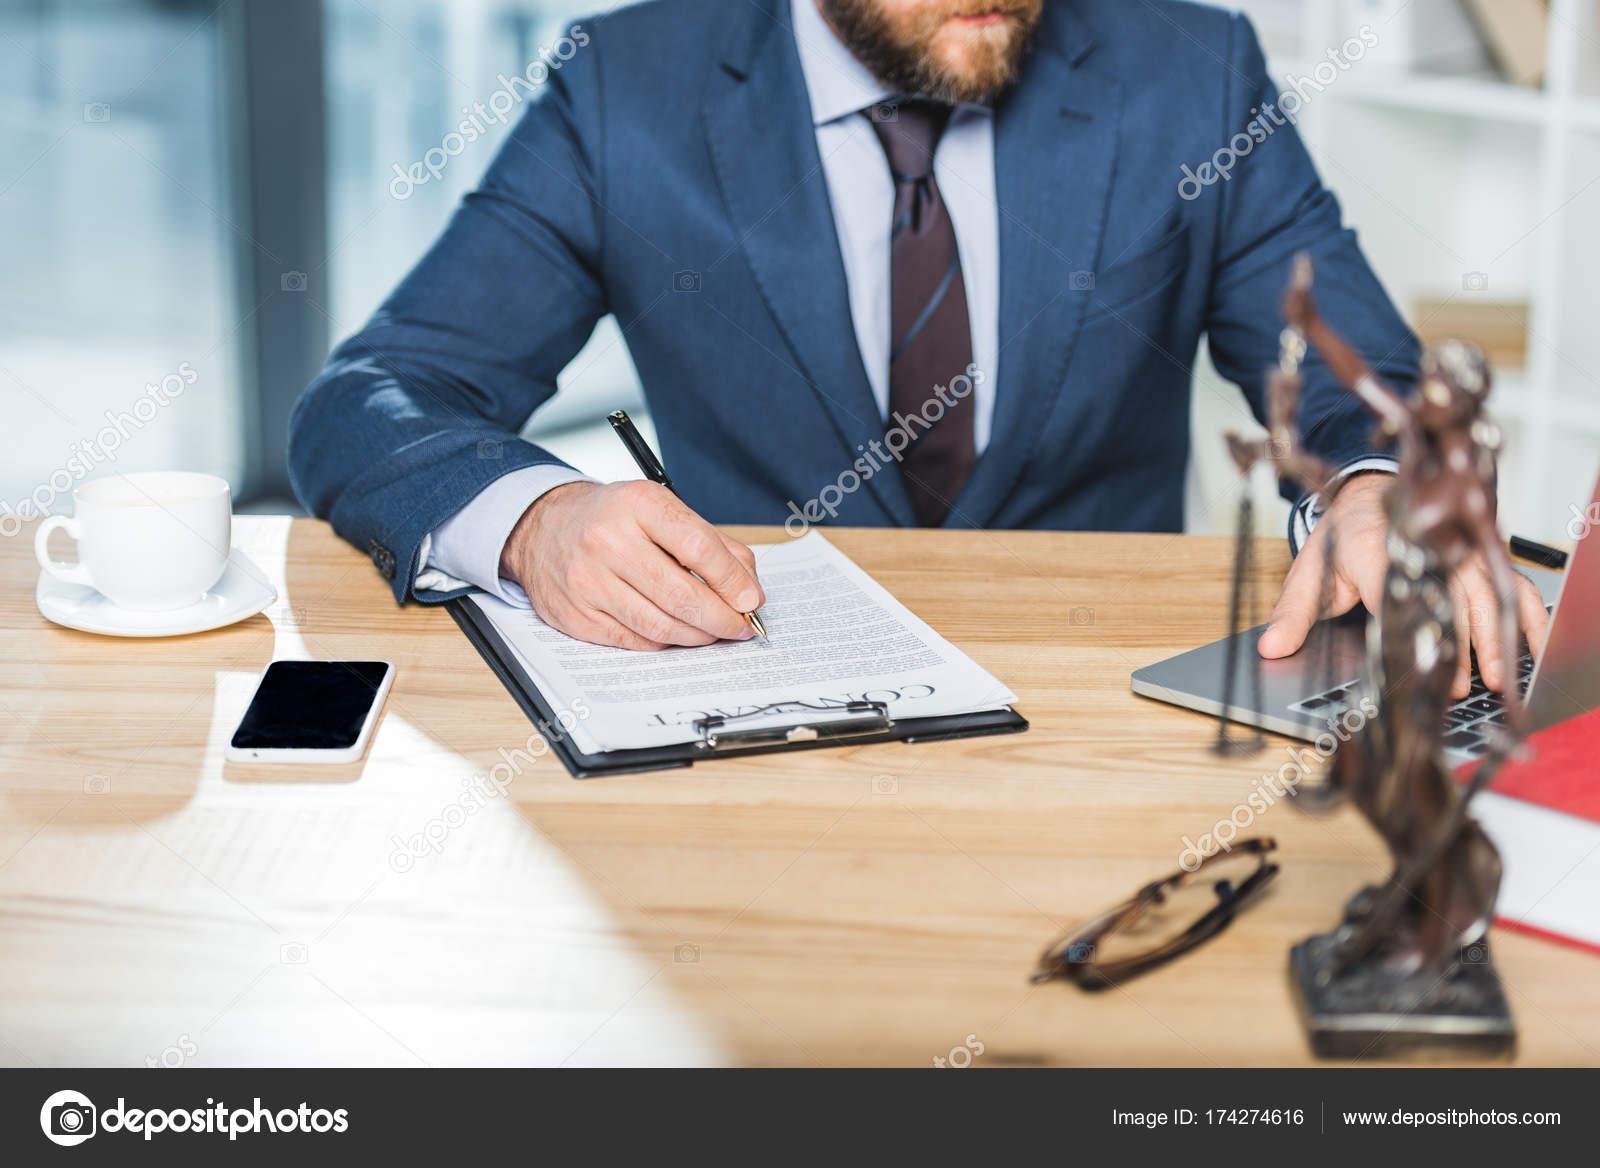 адвокат что делает